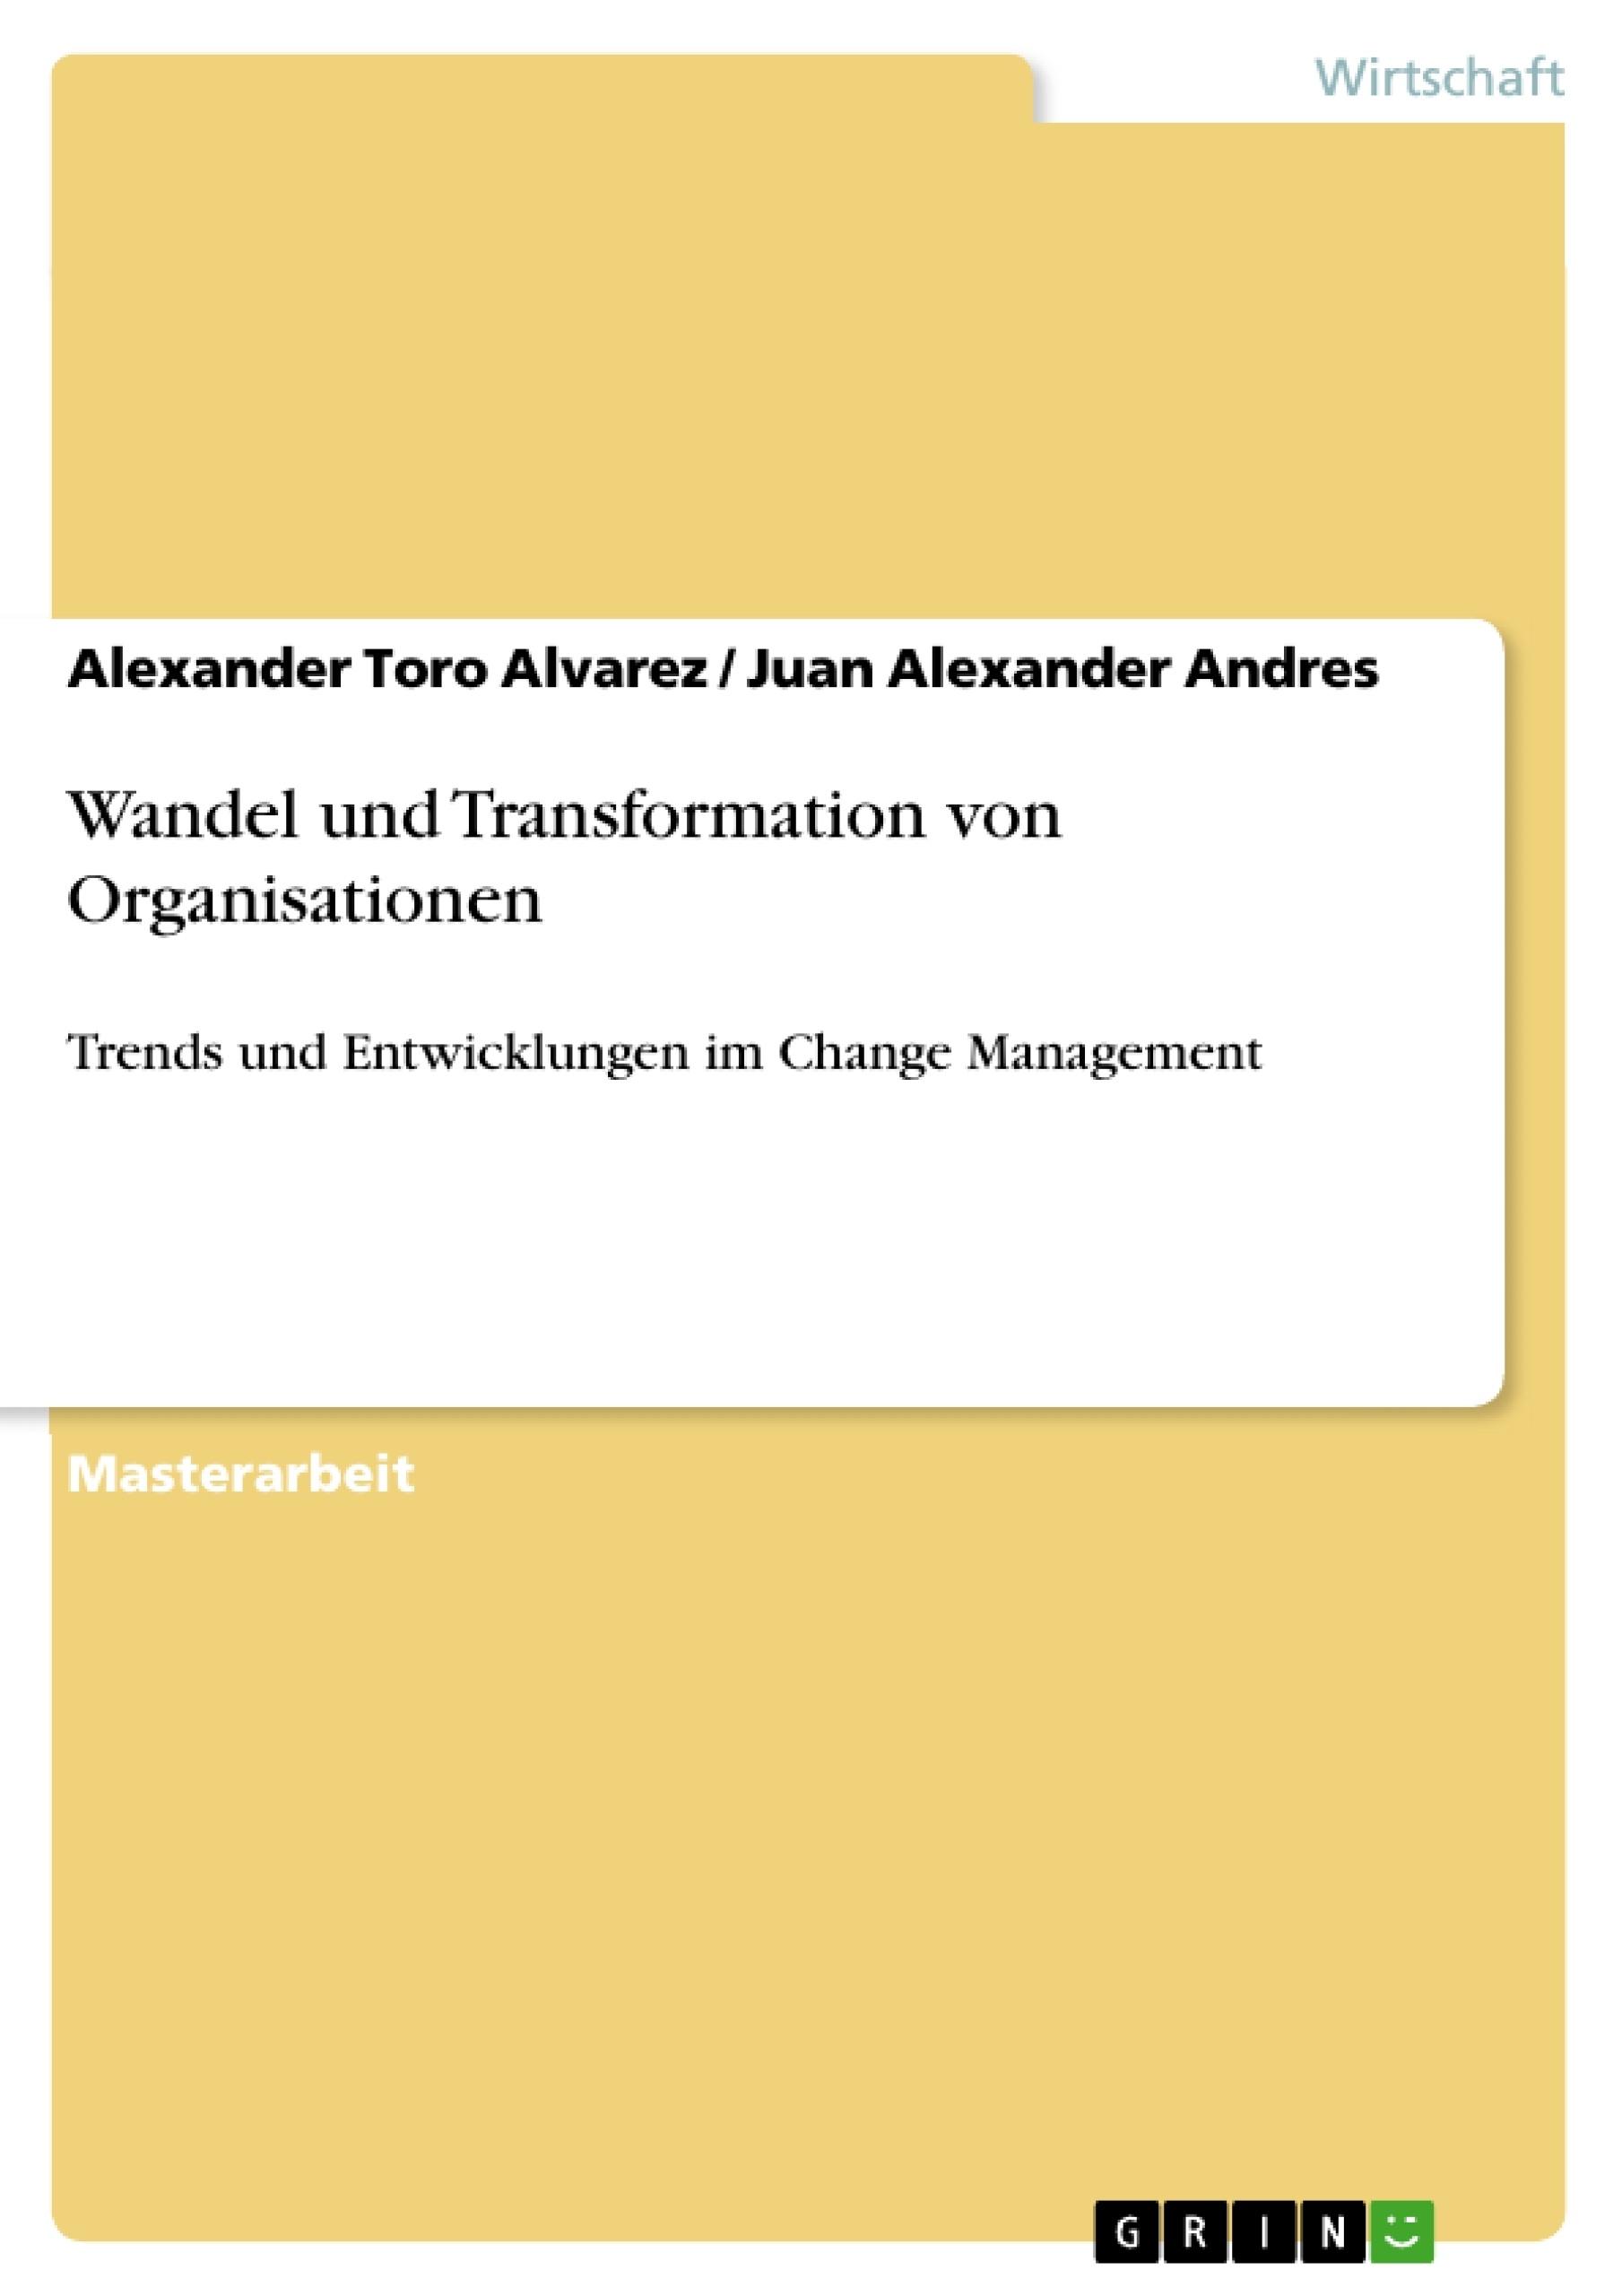 Titel: Wandel und Transformation von Organisationen